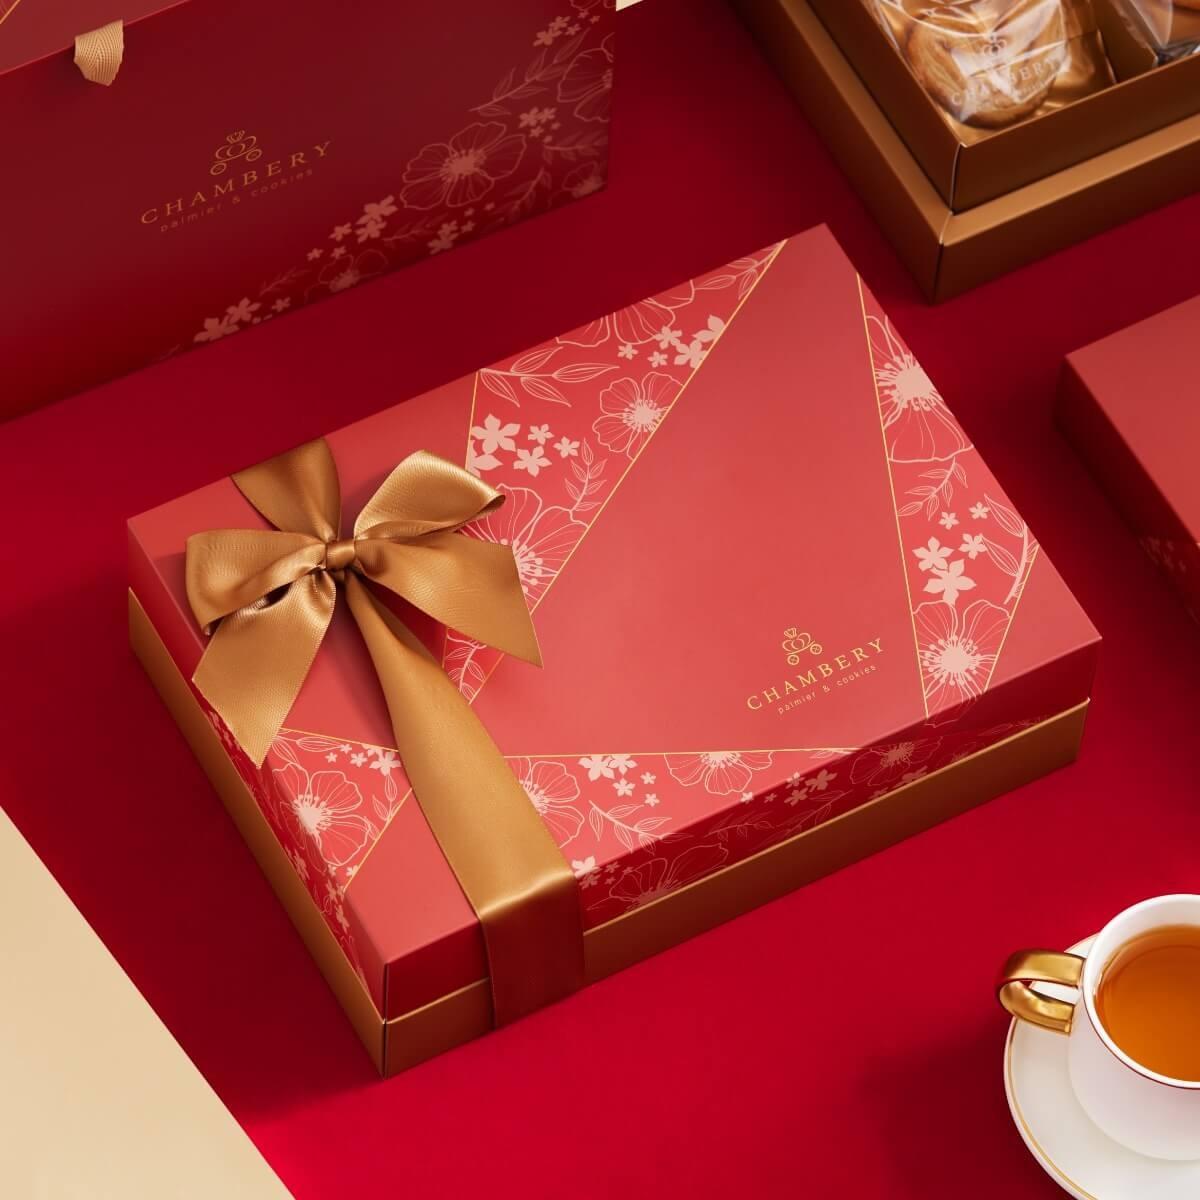 【香貝里】法式蝴蝶酥新年禮盒 / 春節禮盒 / 伴手禮 / 附提袋 / 蝴蝶酥 / 手工餅乾